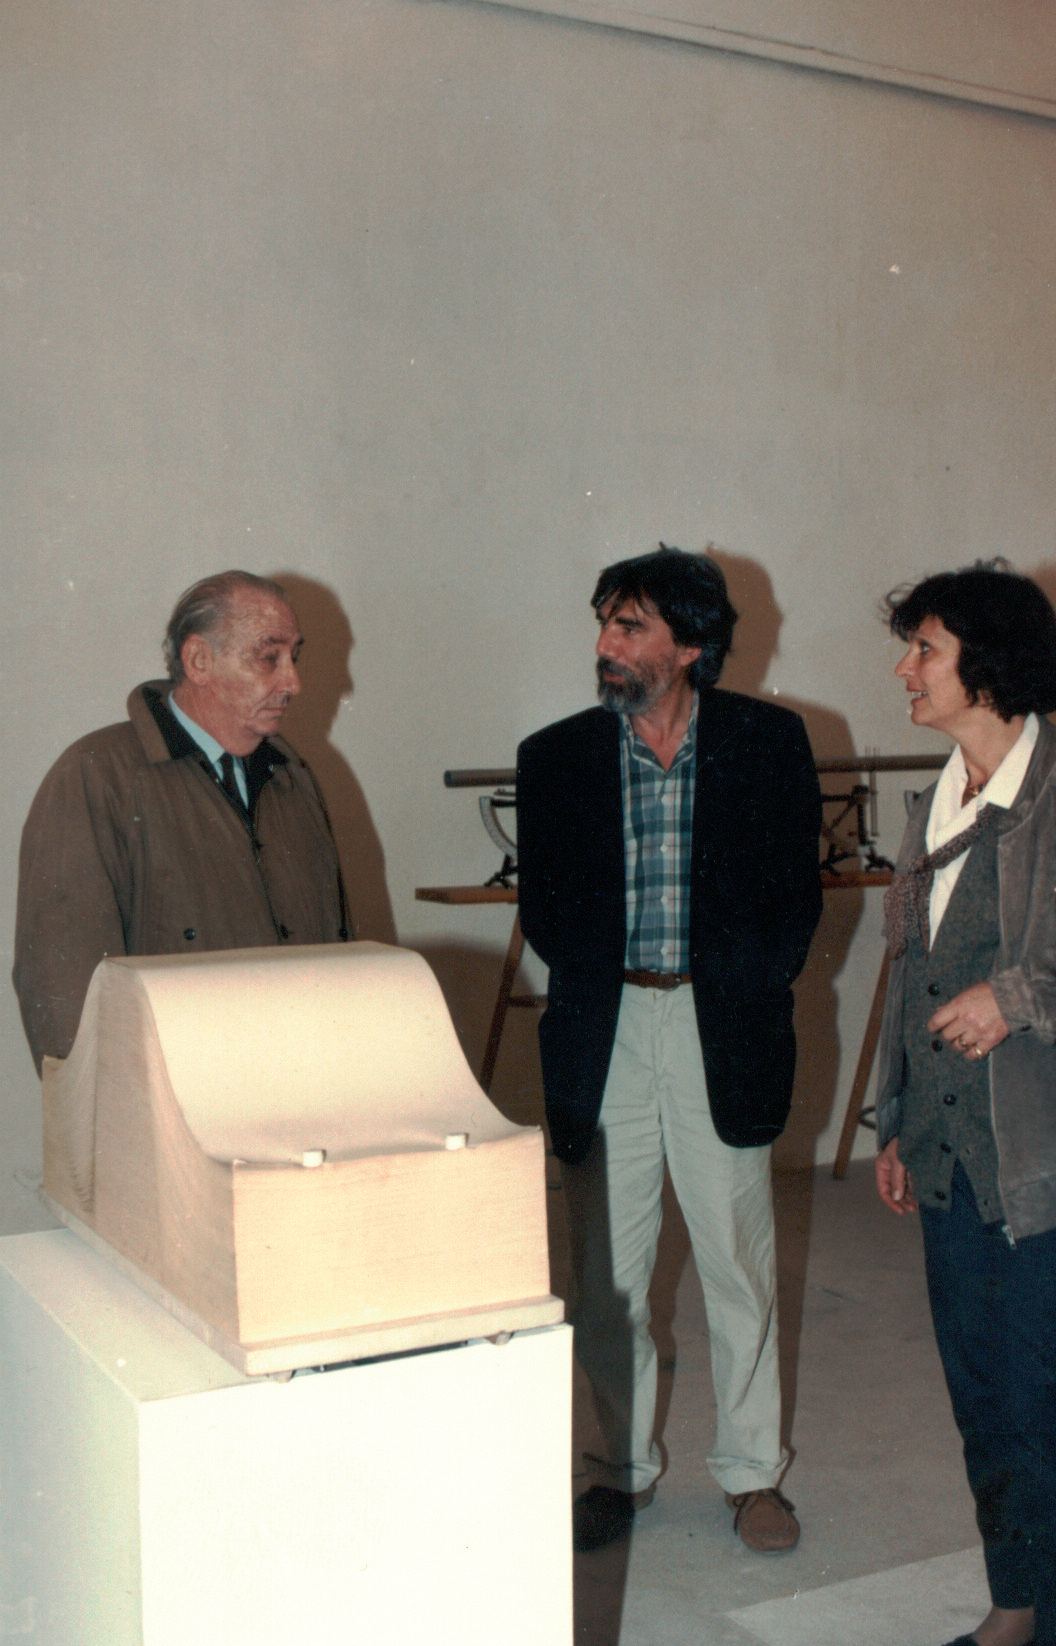 """Fabio Mauri ed Enrico Sconci davanti all'opera """"Libro bianco"""" di Enrico Castellani"""